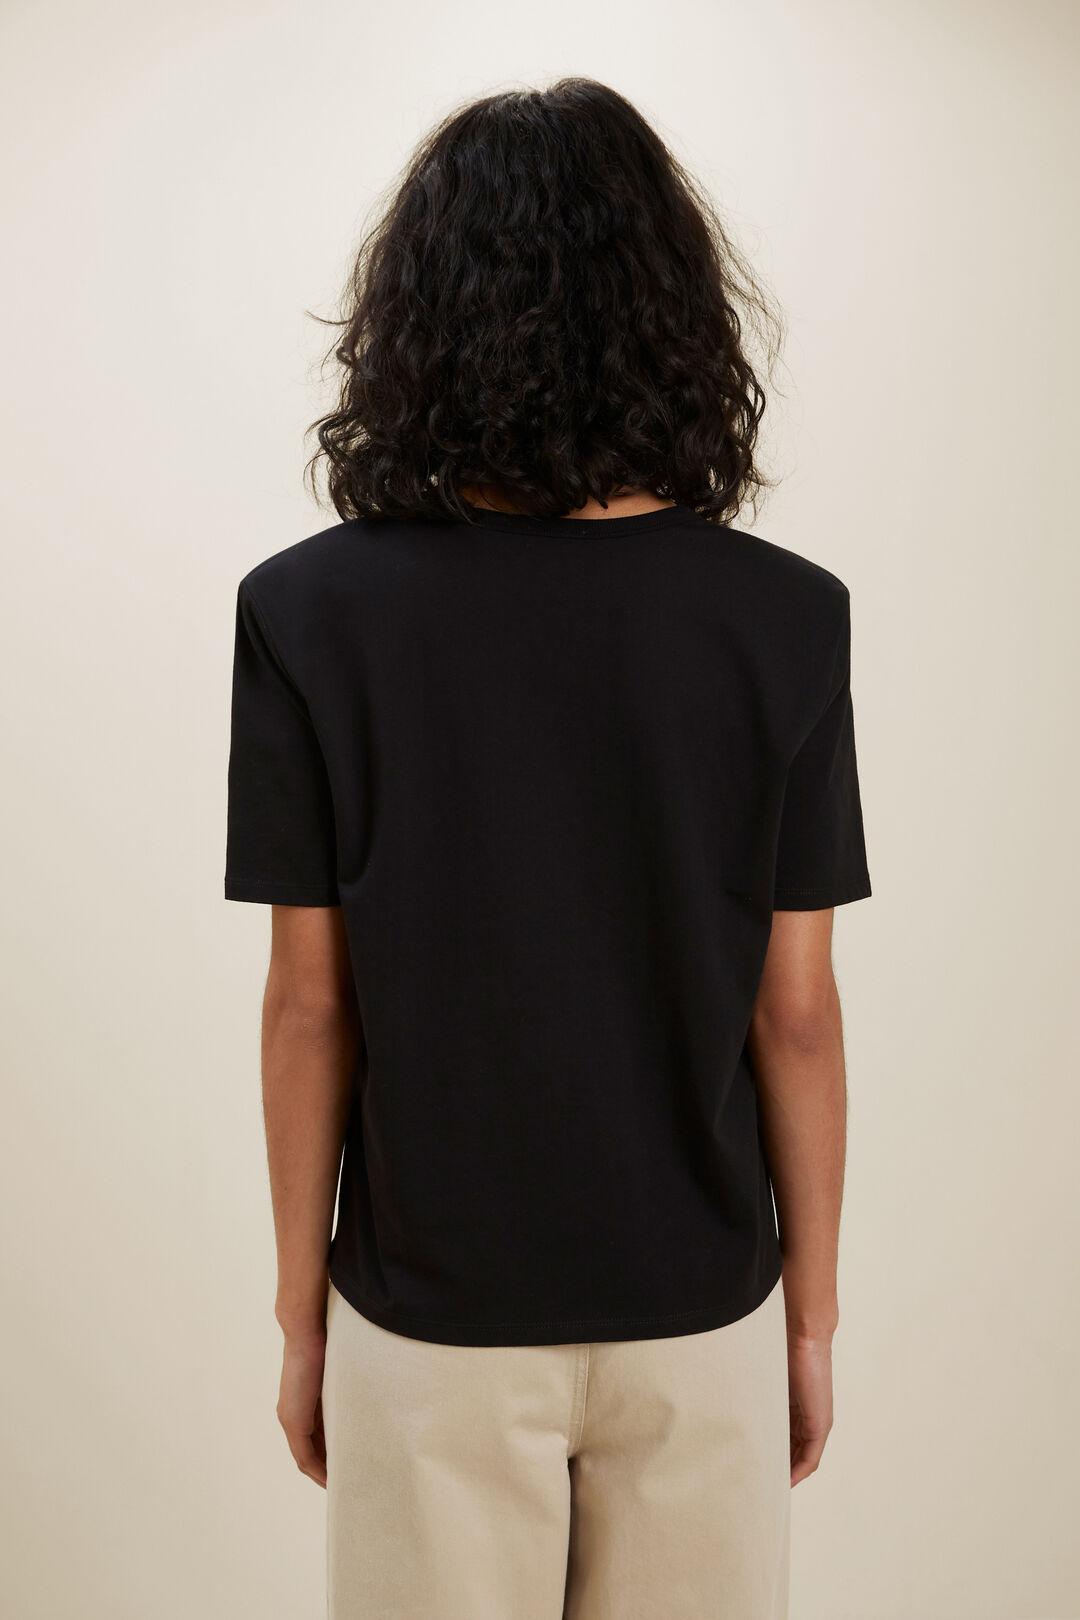 V Neck Shoulder Pad Tee  BLACK  hi-res